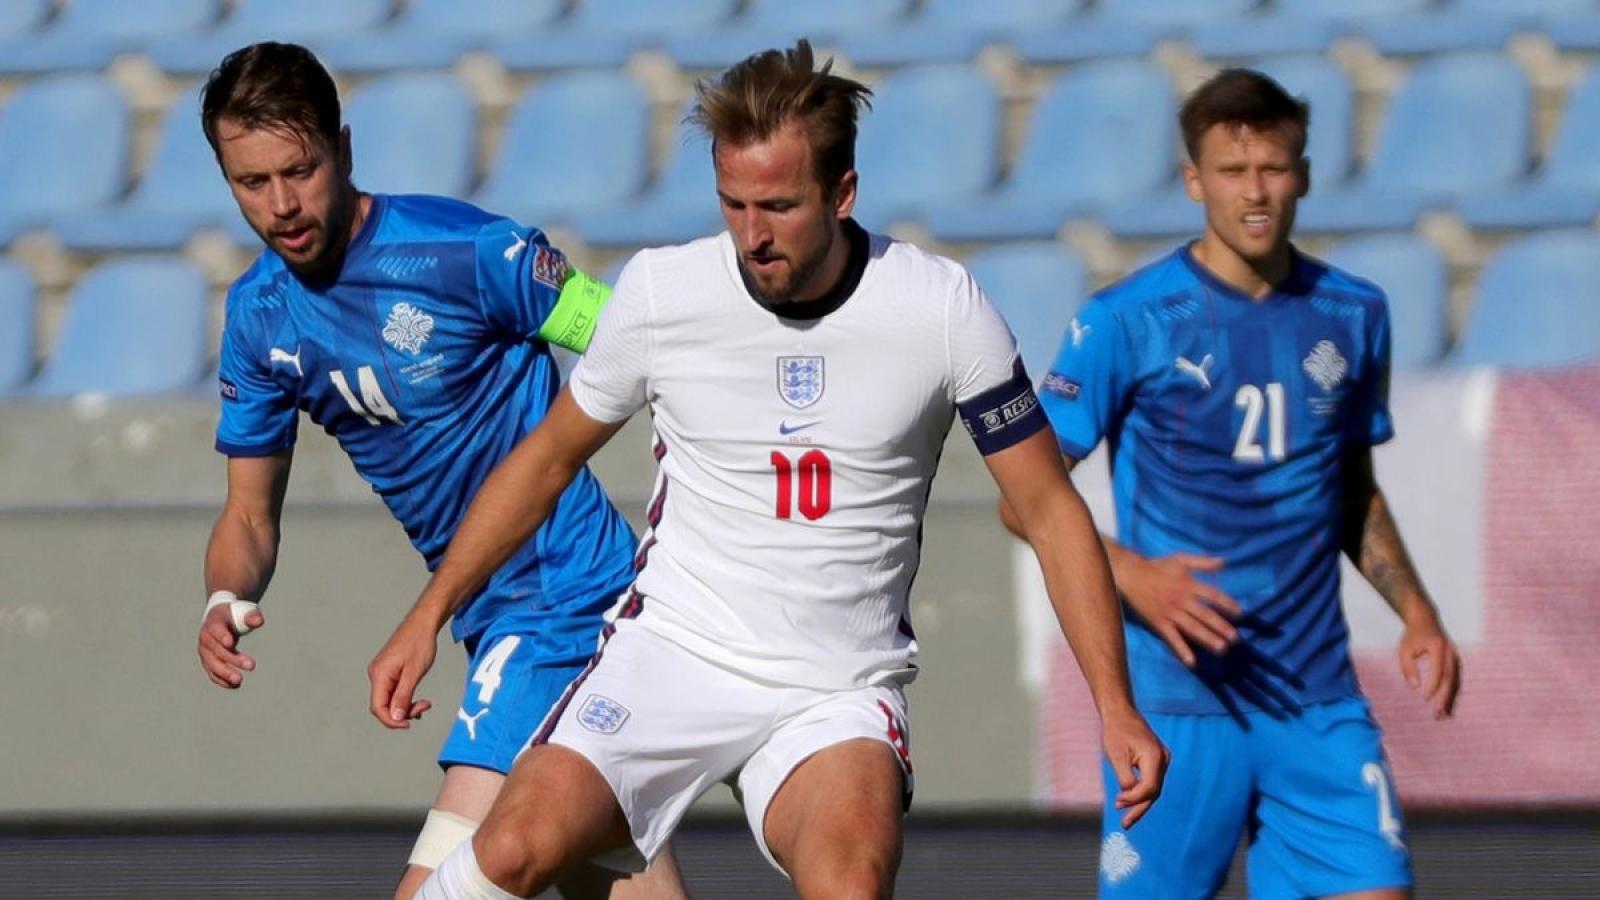 ĐT Anh đứng trước nguy cơ bị xử thua 0-3 ở Nations League vì Covid-19